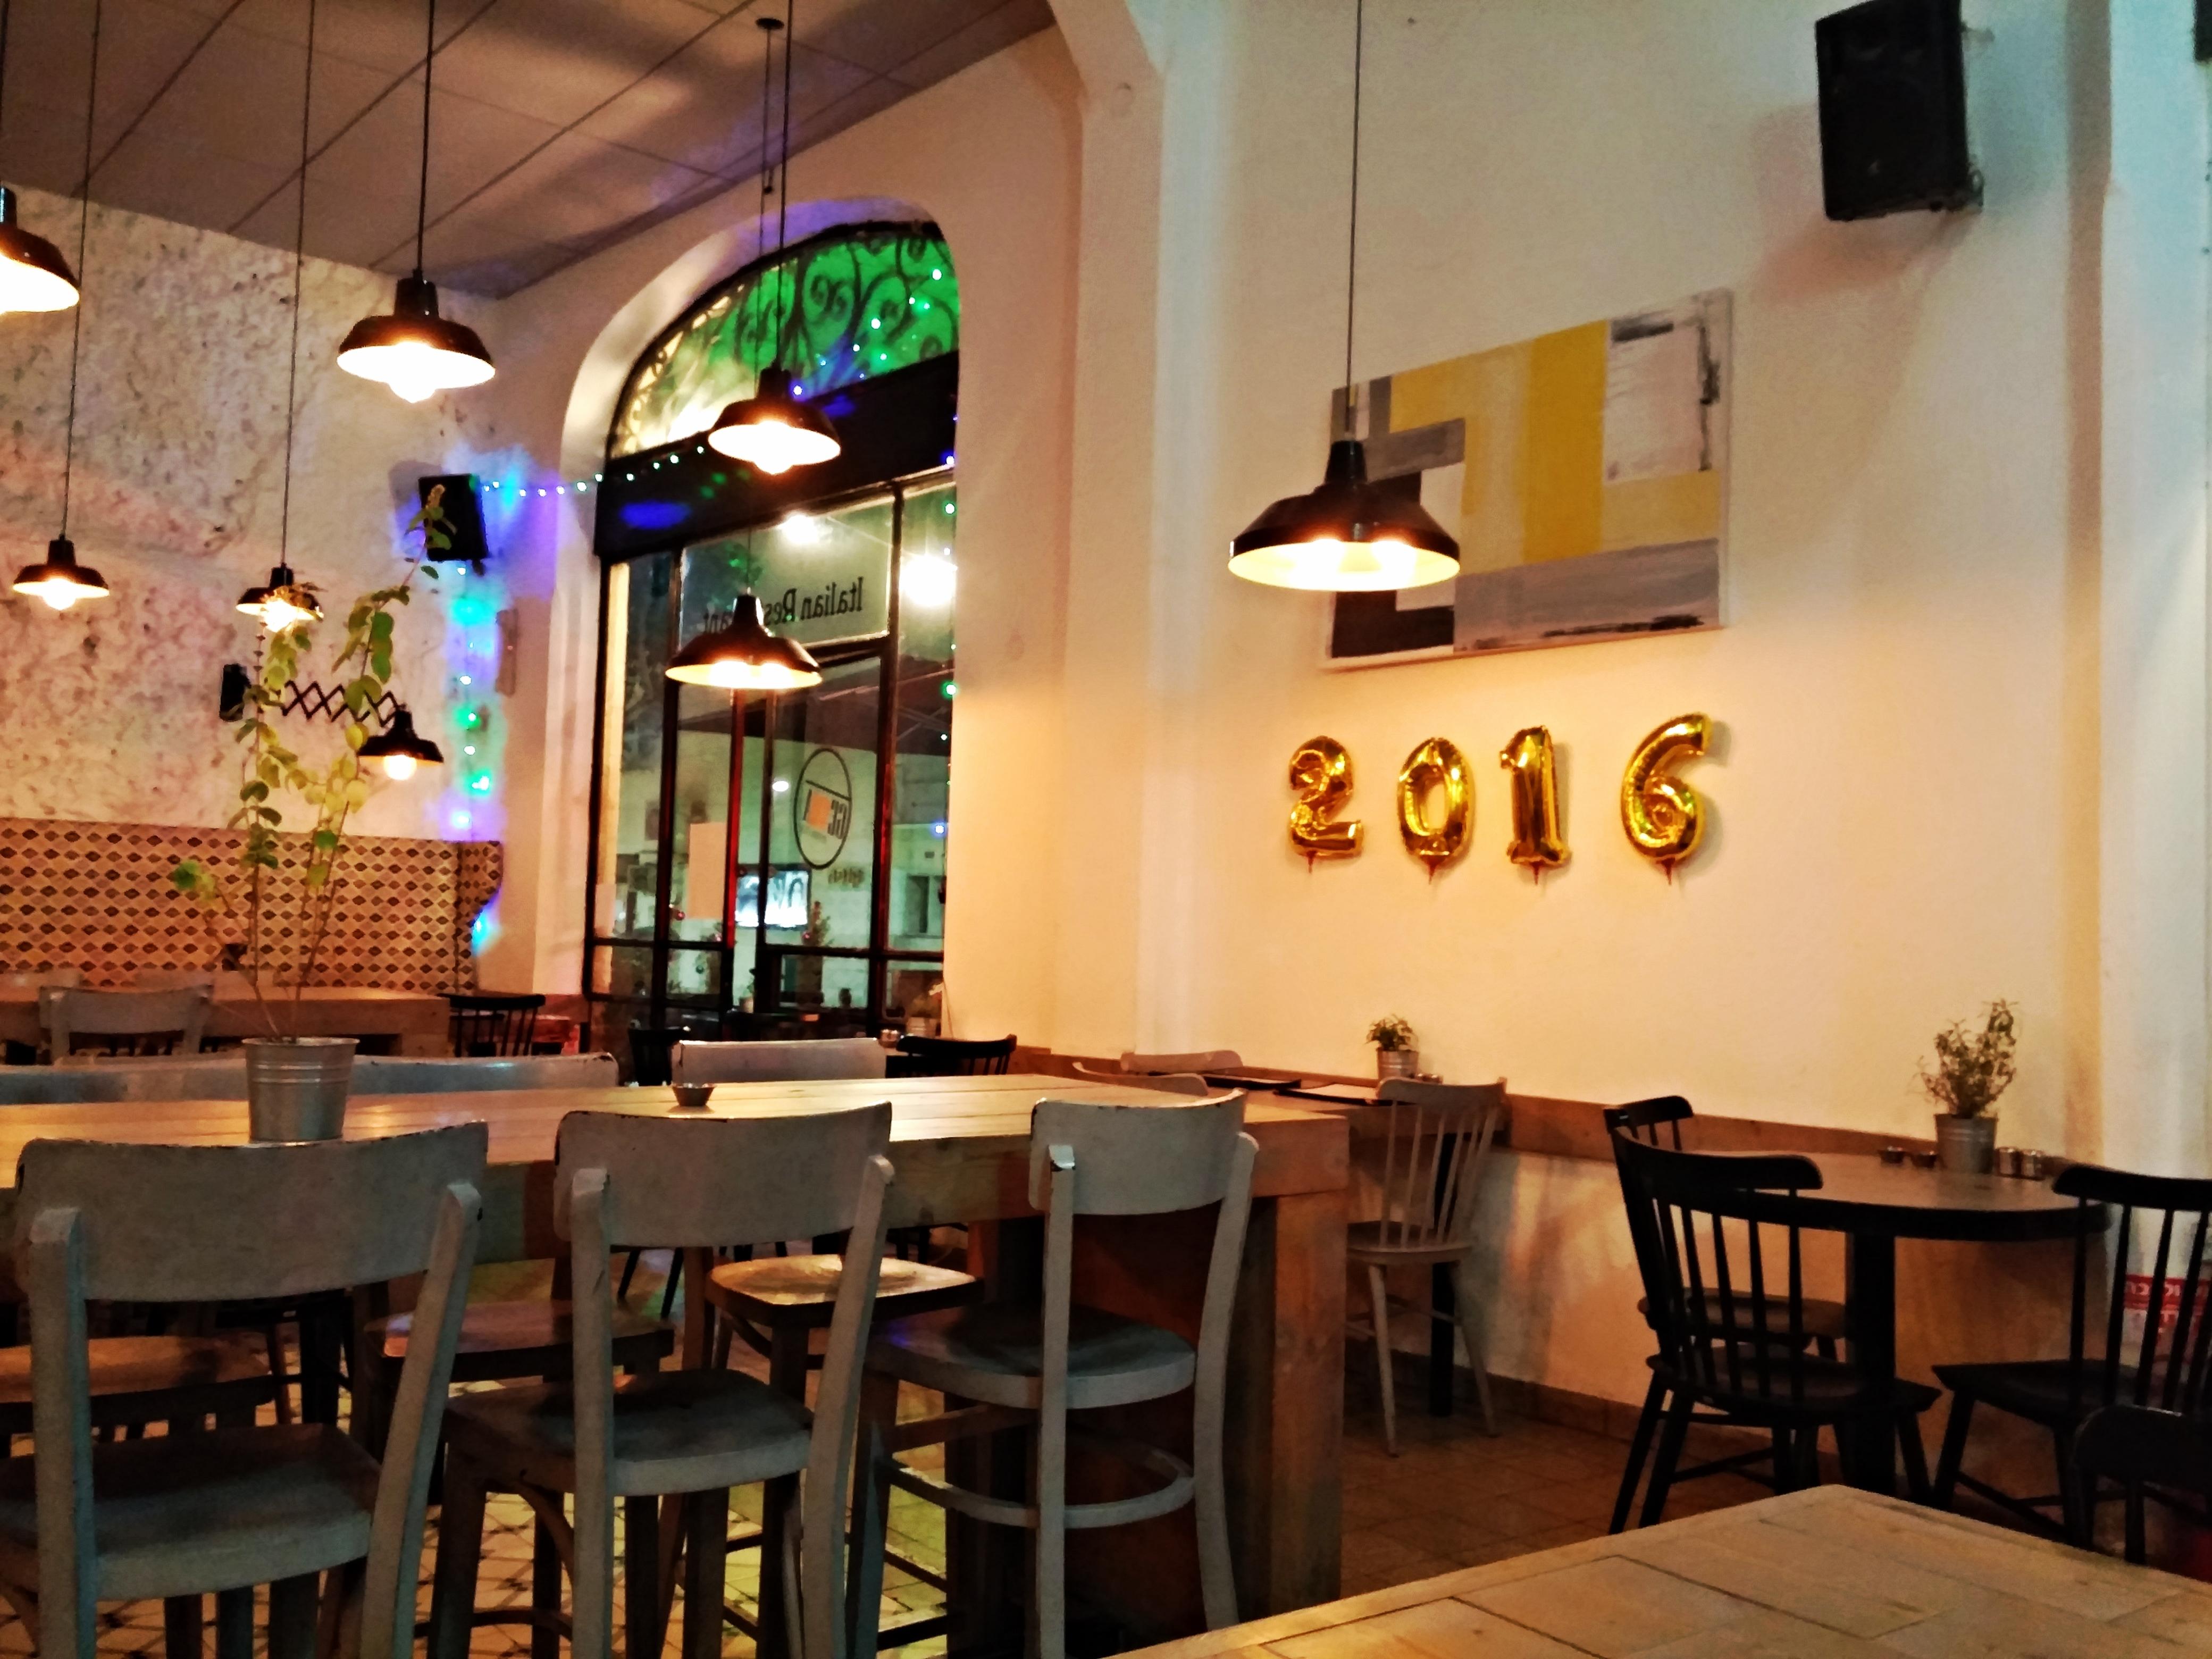 Innenarchitektur Cafe hintergrundbilder restaurant innenarchitektur cafe tabelle